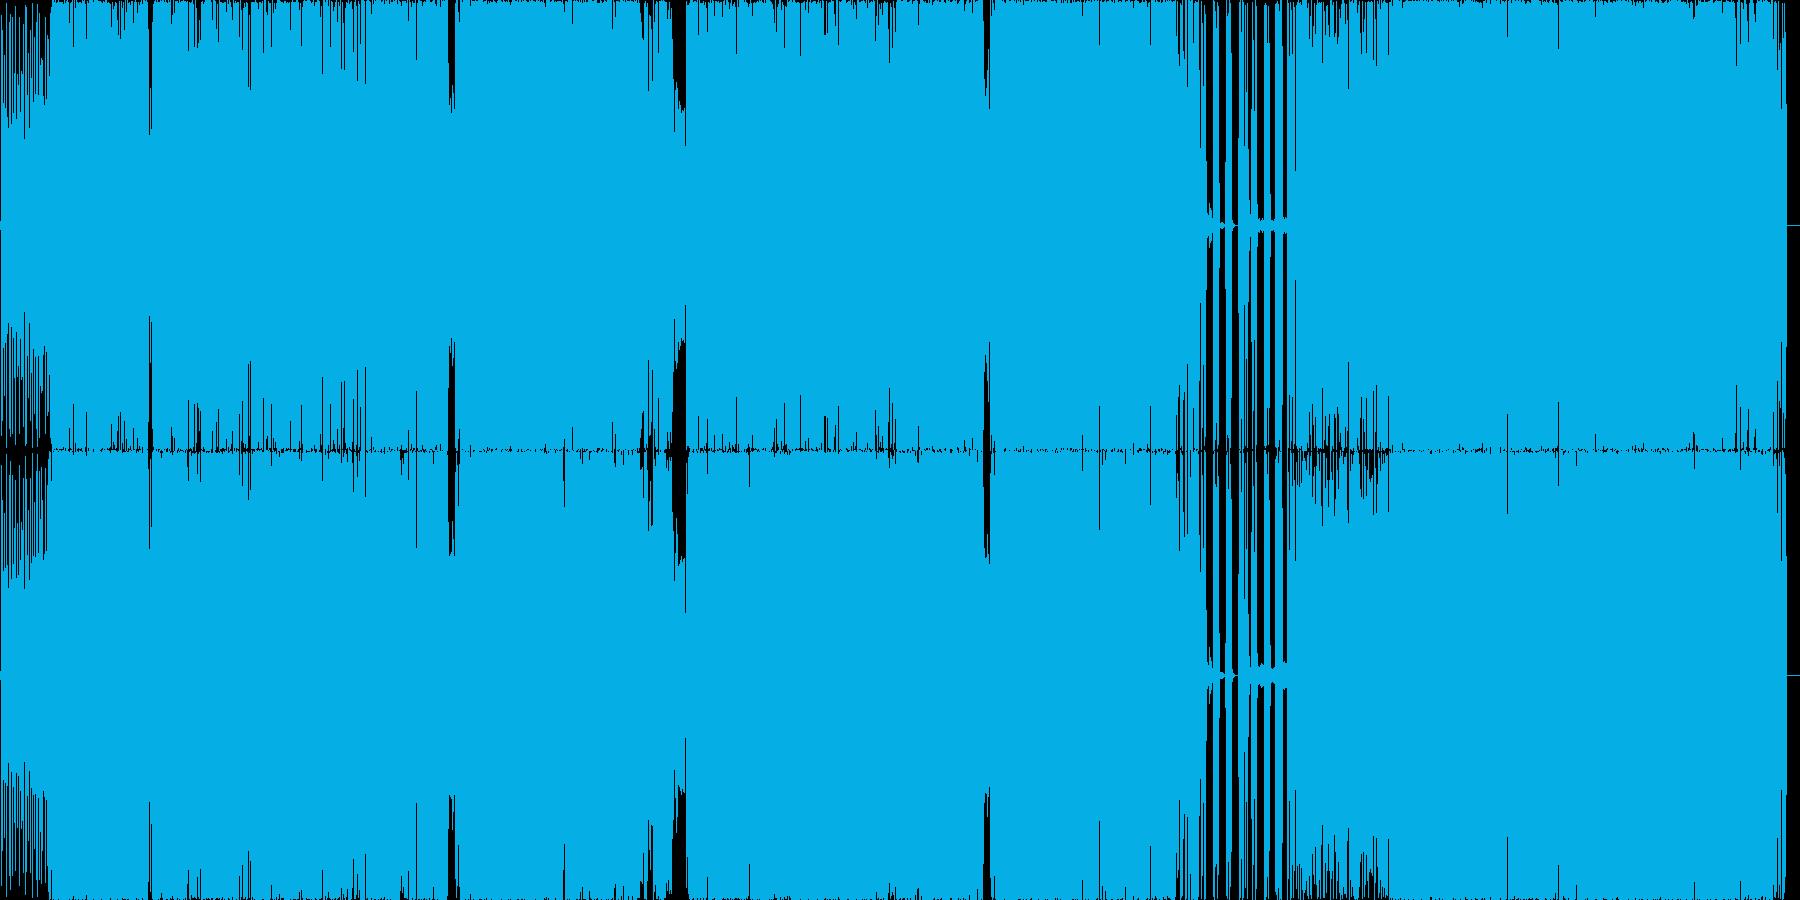 サビのハーモニー推し四分打ちbeatの再生済みの波形